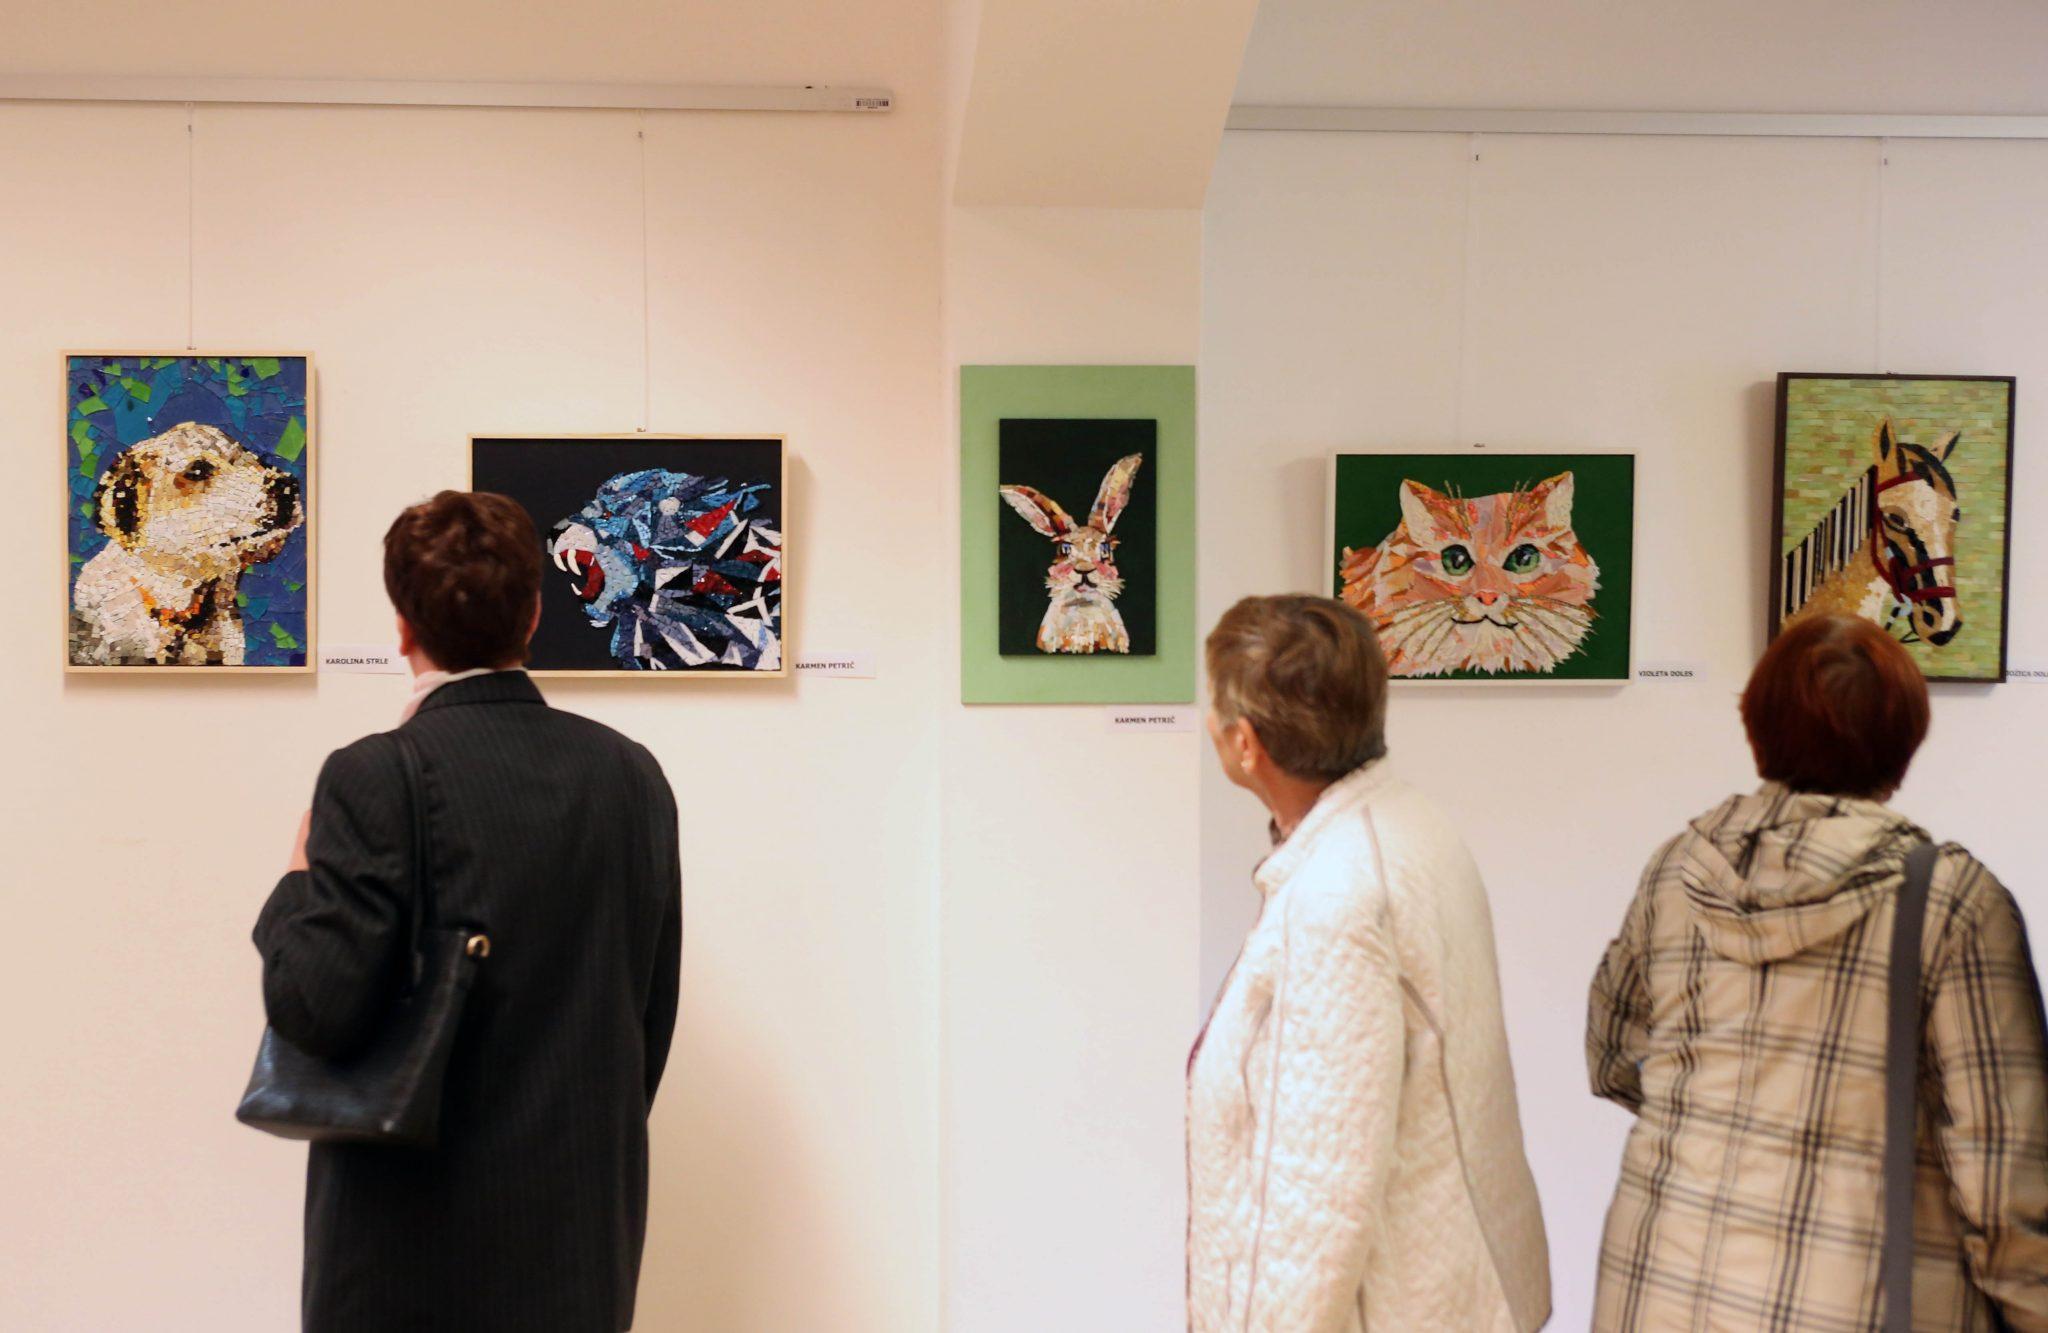 RAZSTAVA MOZAIKOV 02 FOTO LJUBO VUKELIČ - Odprtje razstave - Pogled v živalski svet - sekcije Mozaik KD Rak Rakek